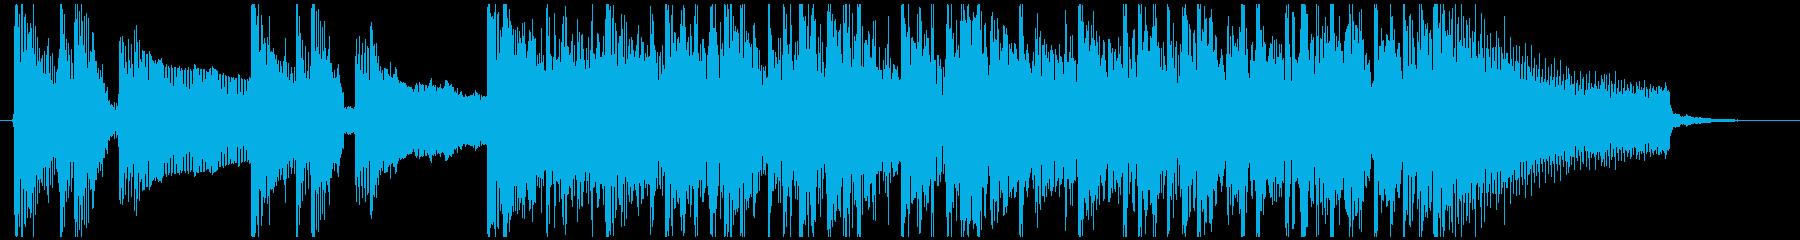 スラップベースが効果的なジングルの再生済みの波形